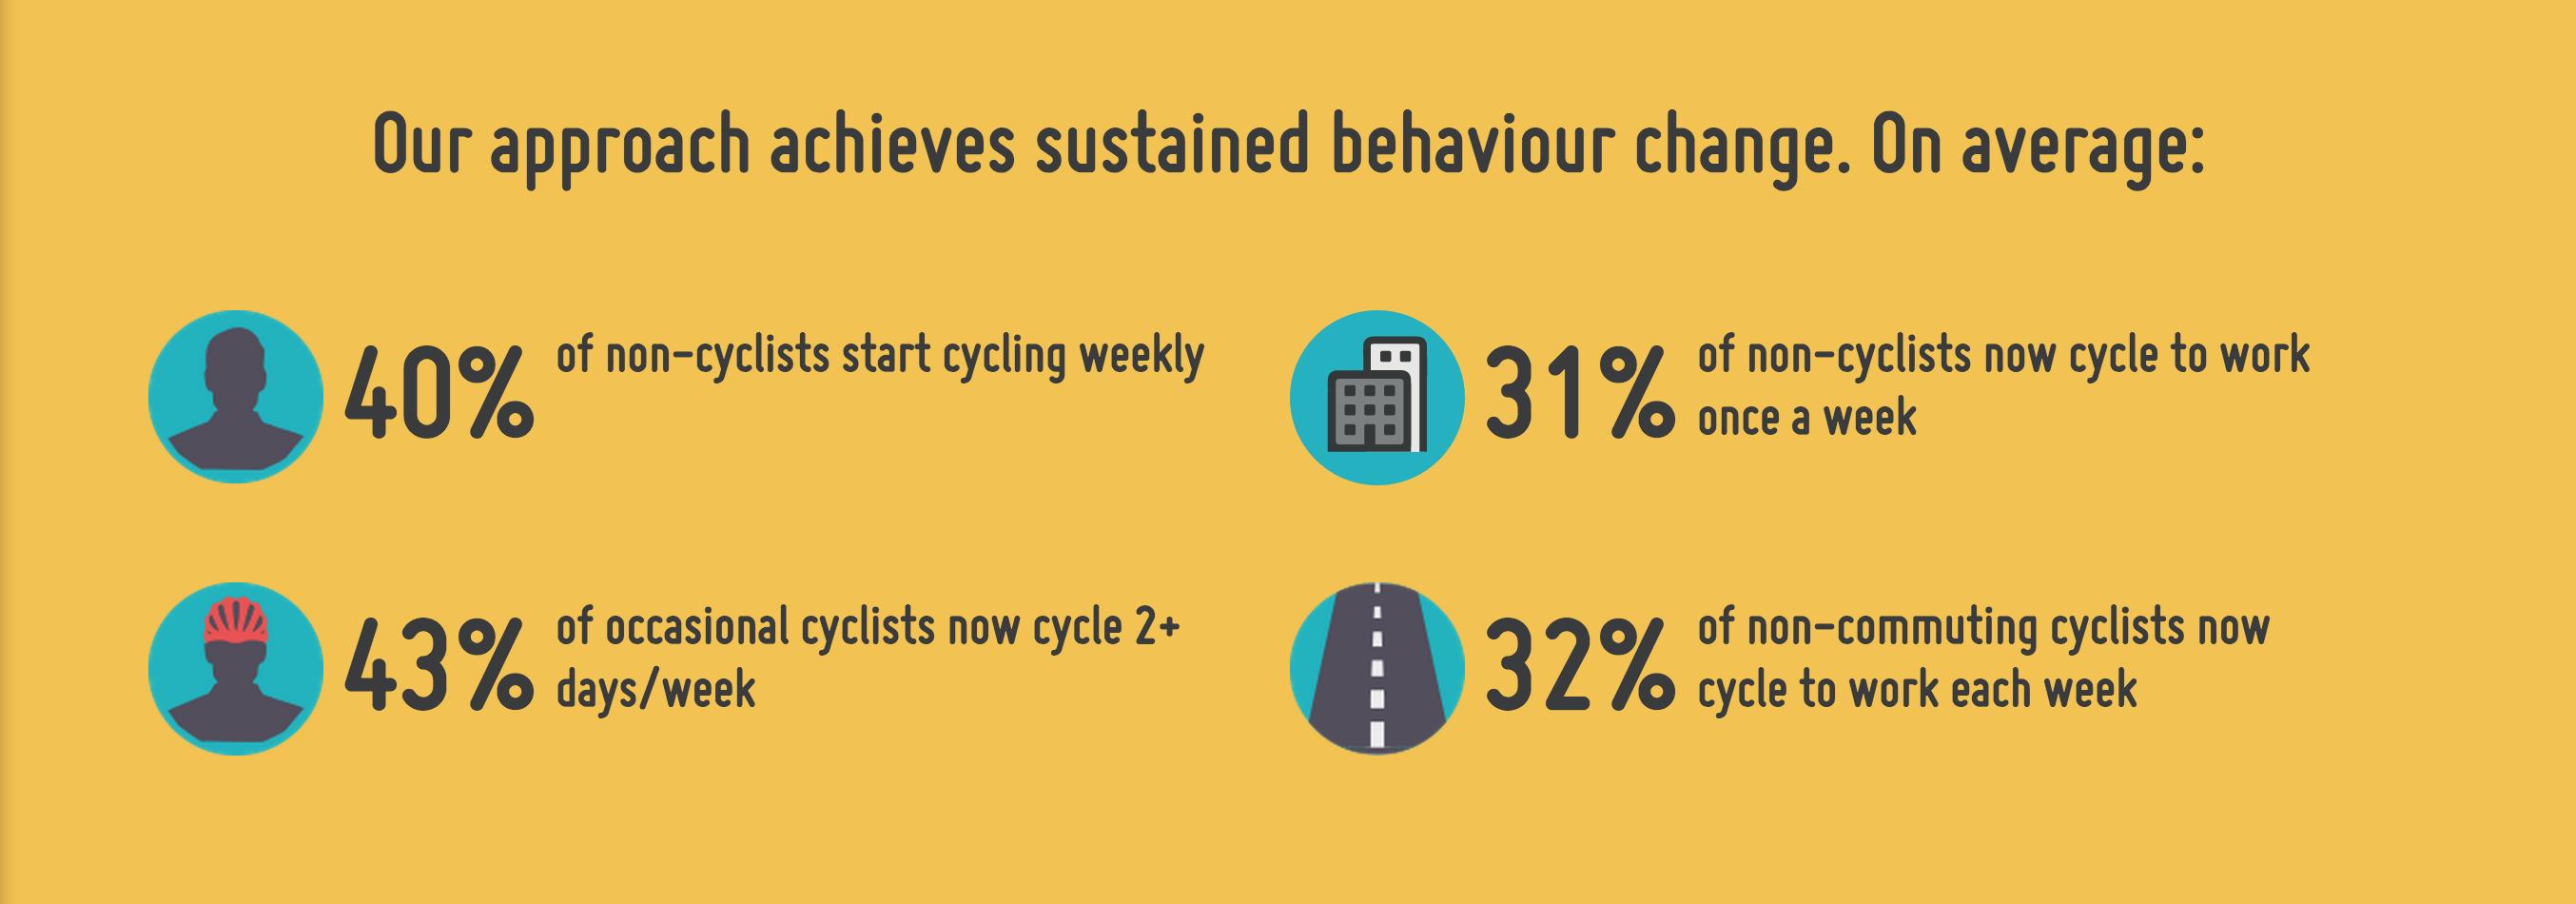 Love to Ride's average behavior change outcomes.